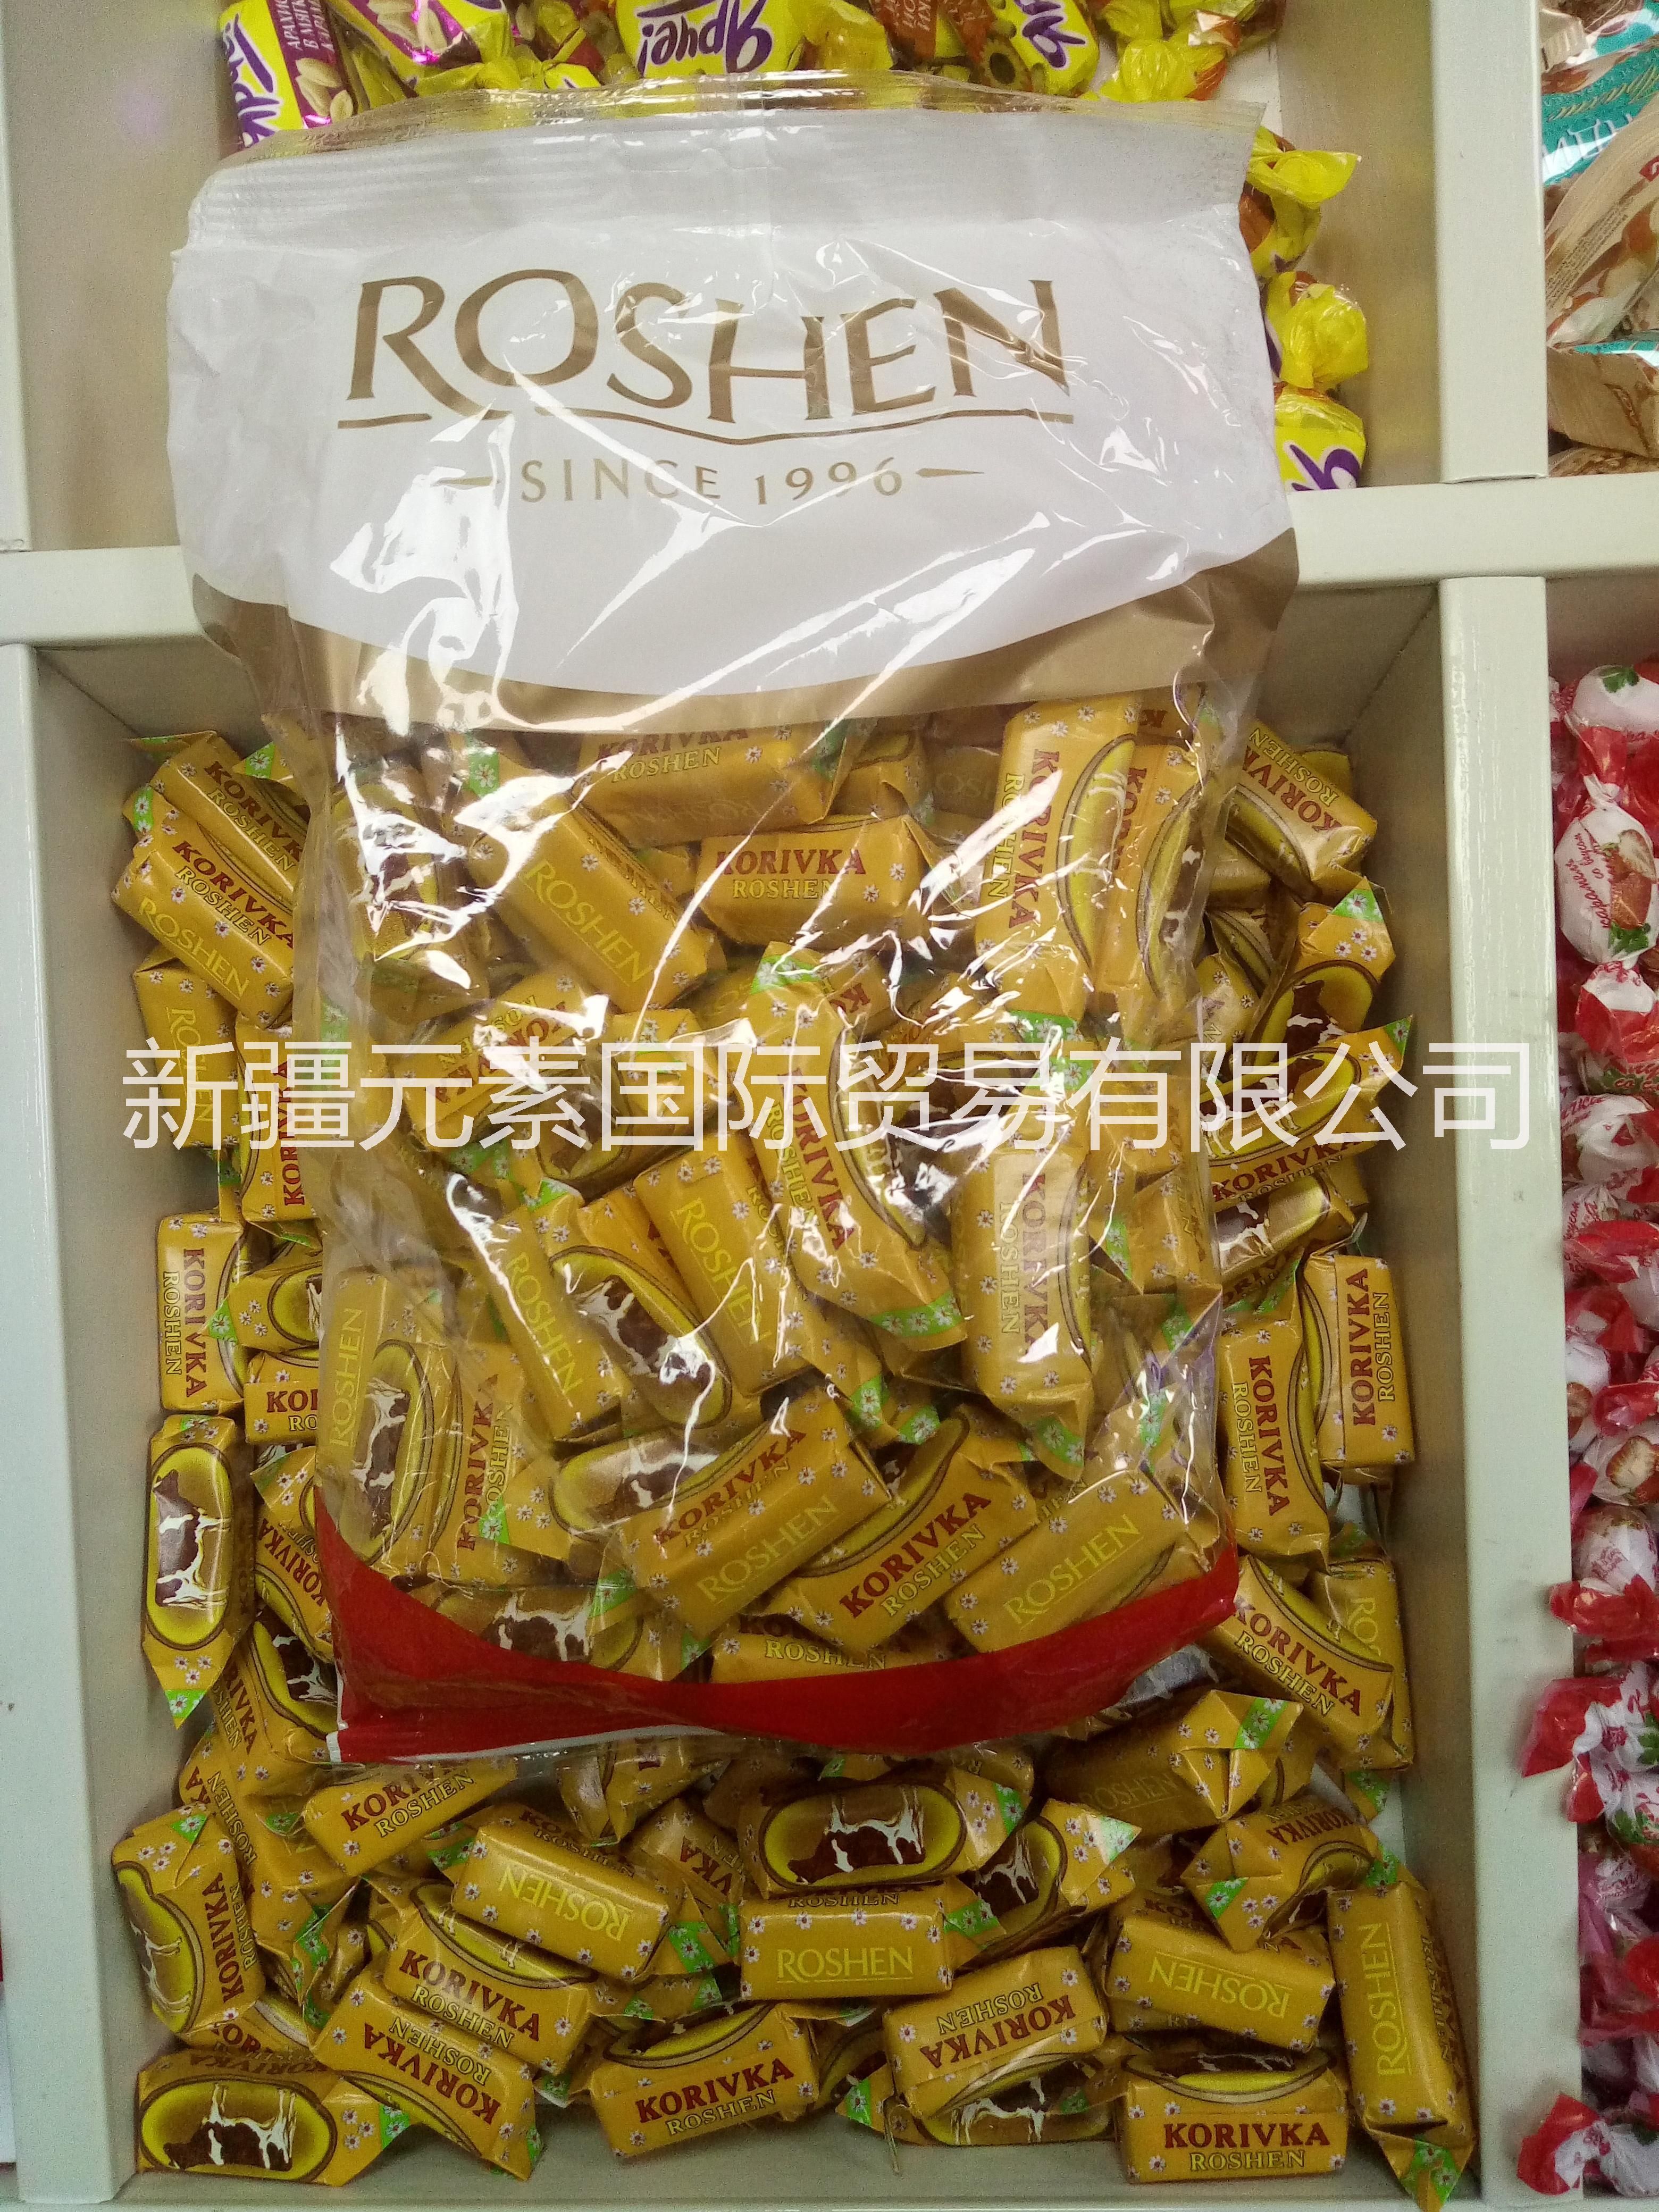 优质俄罗斯进口糖果批发,优质俄罗斯进口糖果批发厂家,进口糖果批发